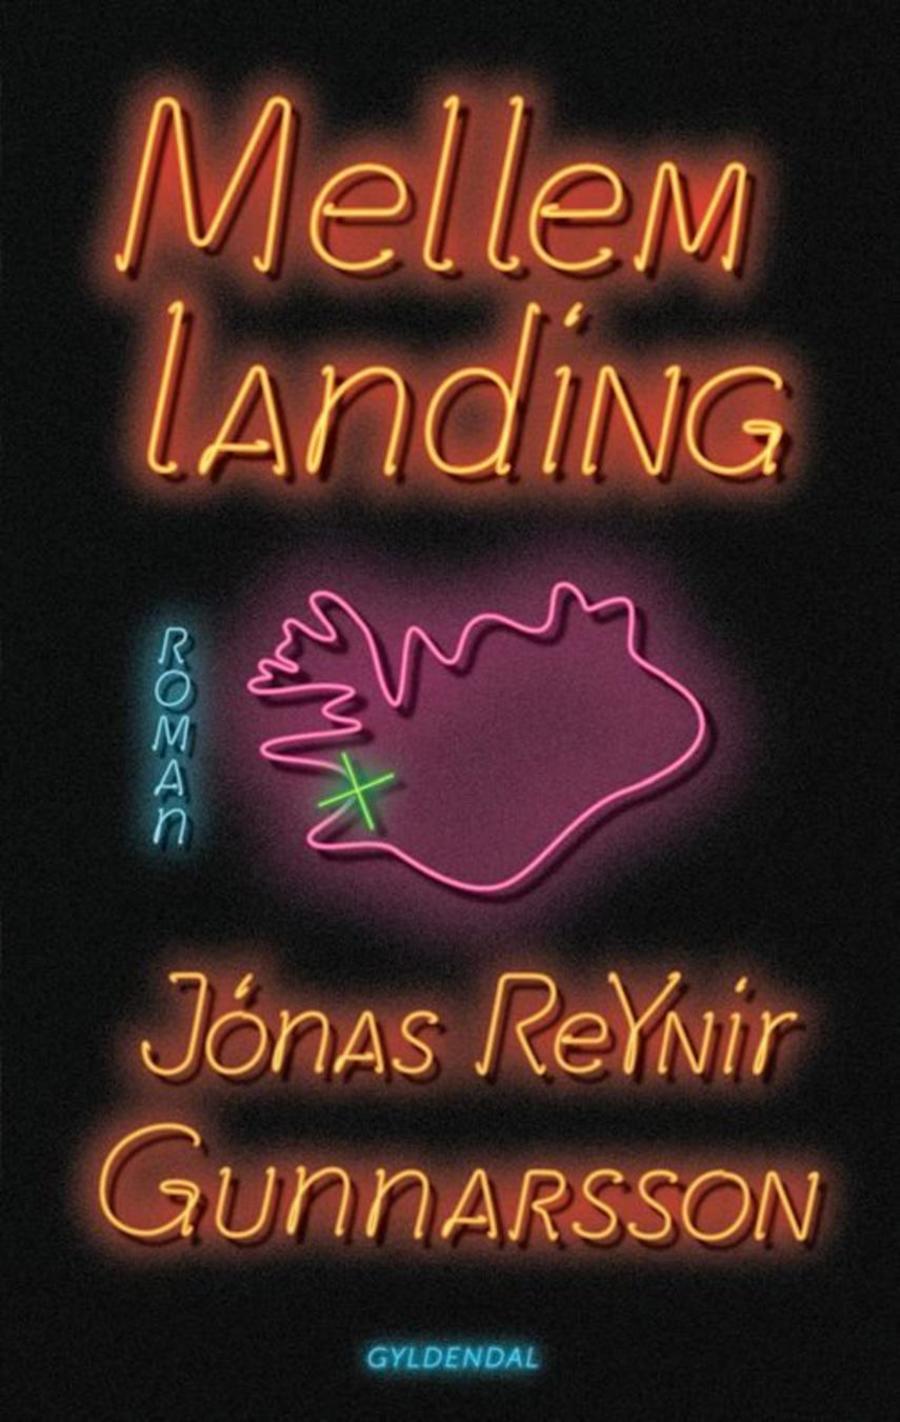 Forside af bogen Mellemlanding, der ligner et reklameskilt